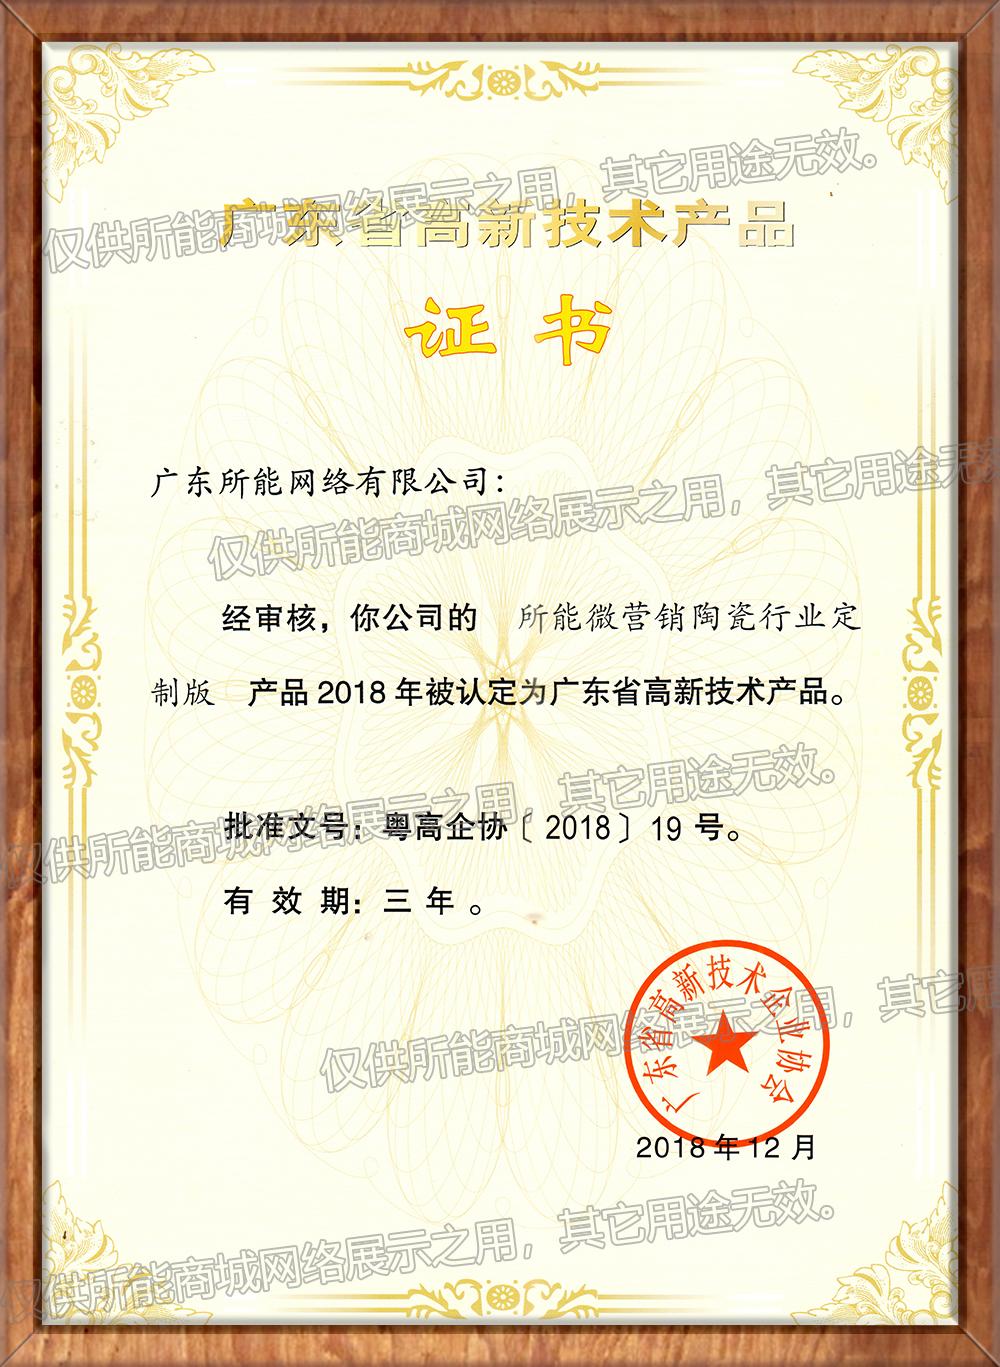 广东省高新技术产品-所能微营销陶瓷行业定制版